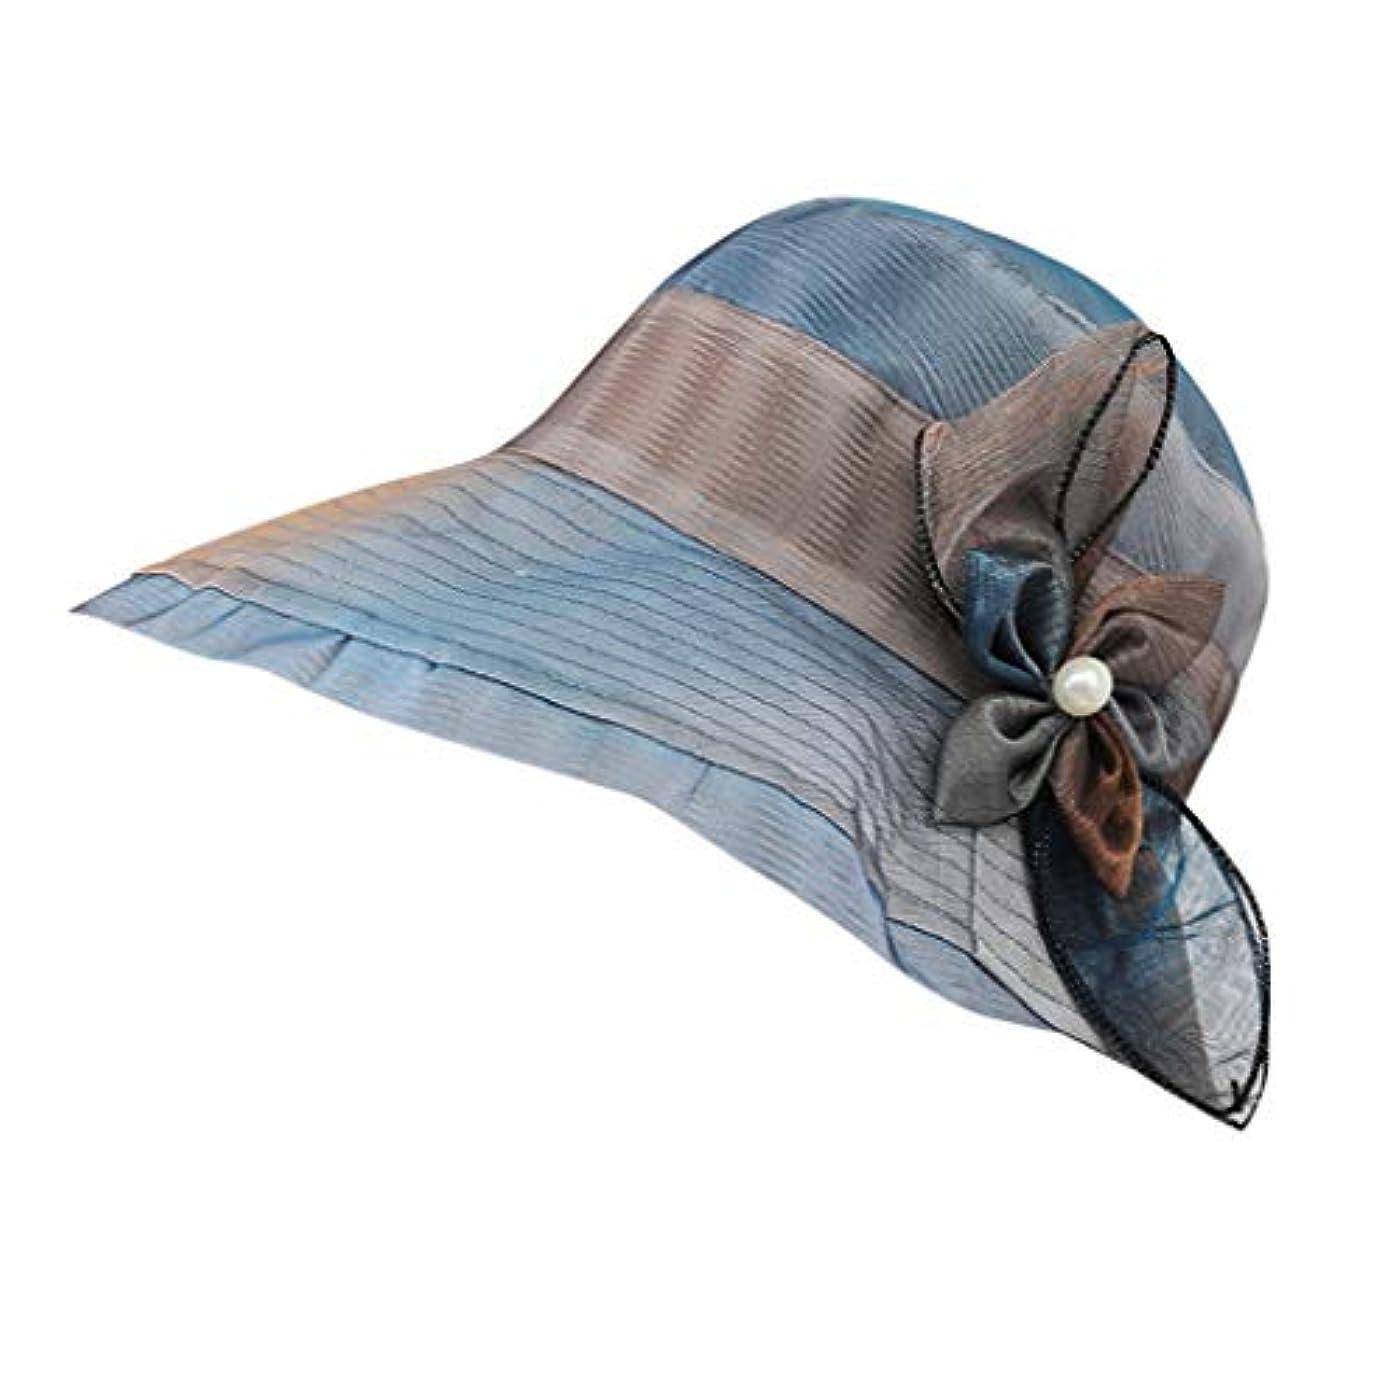 ケージ全部質量ハット レディース UVカット 帽子 レディース 日よけ 帽子 レディース つば広 無地 洗える 紫外線対策 ハット カジュアル 旅行用 日よけ 夏季 女優帽 小顔効果抜群 可愛い 夏季 海 旅行 ROSE ROMAN